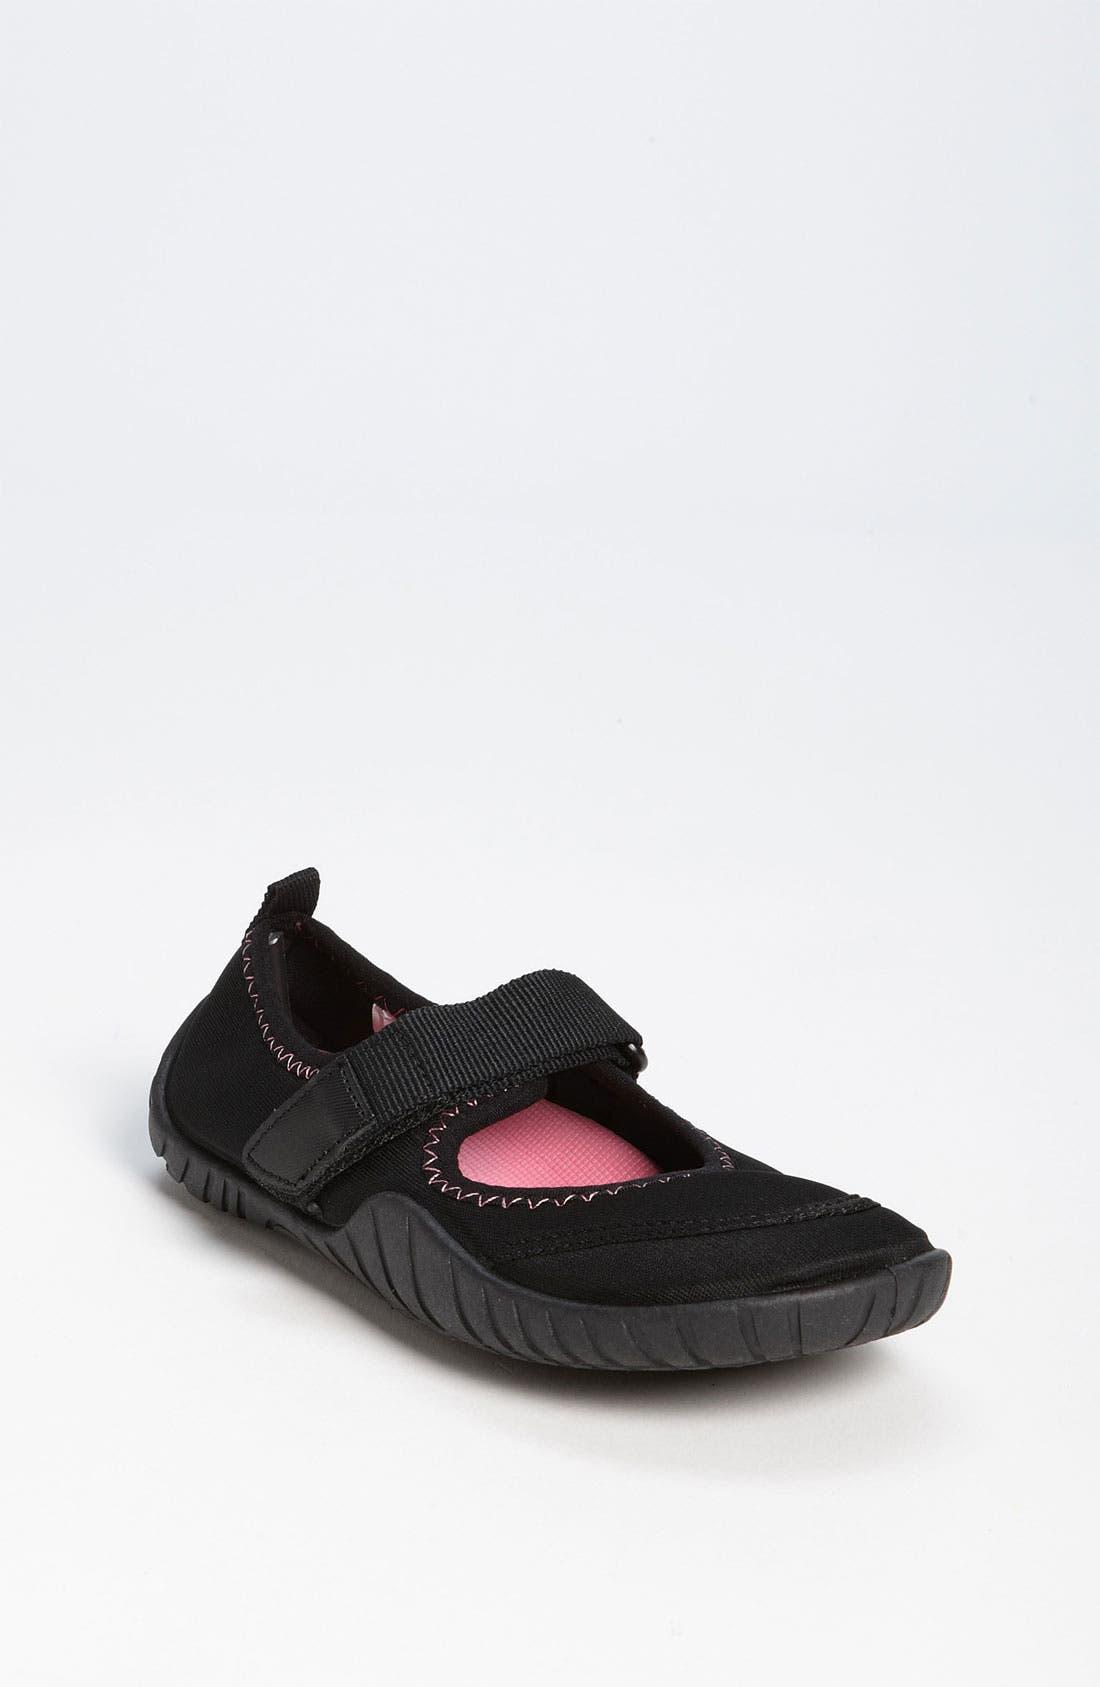 Alternate Image 1 Selected - Nordstrom 'Tide' Aqua Shoes (Walker, Toddler, Little Kid & Big Kid)